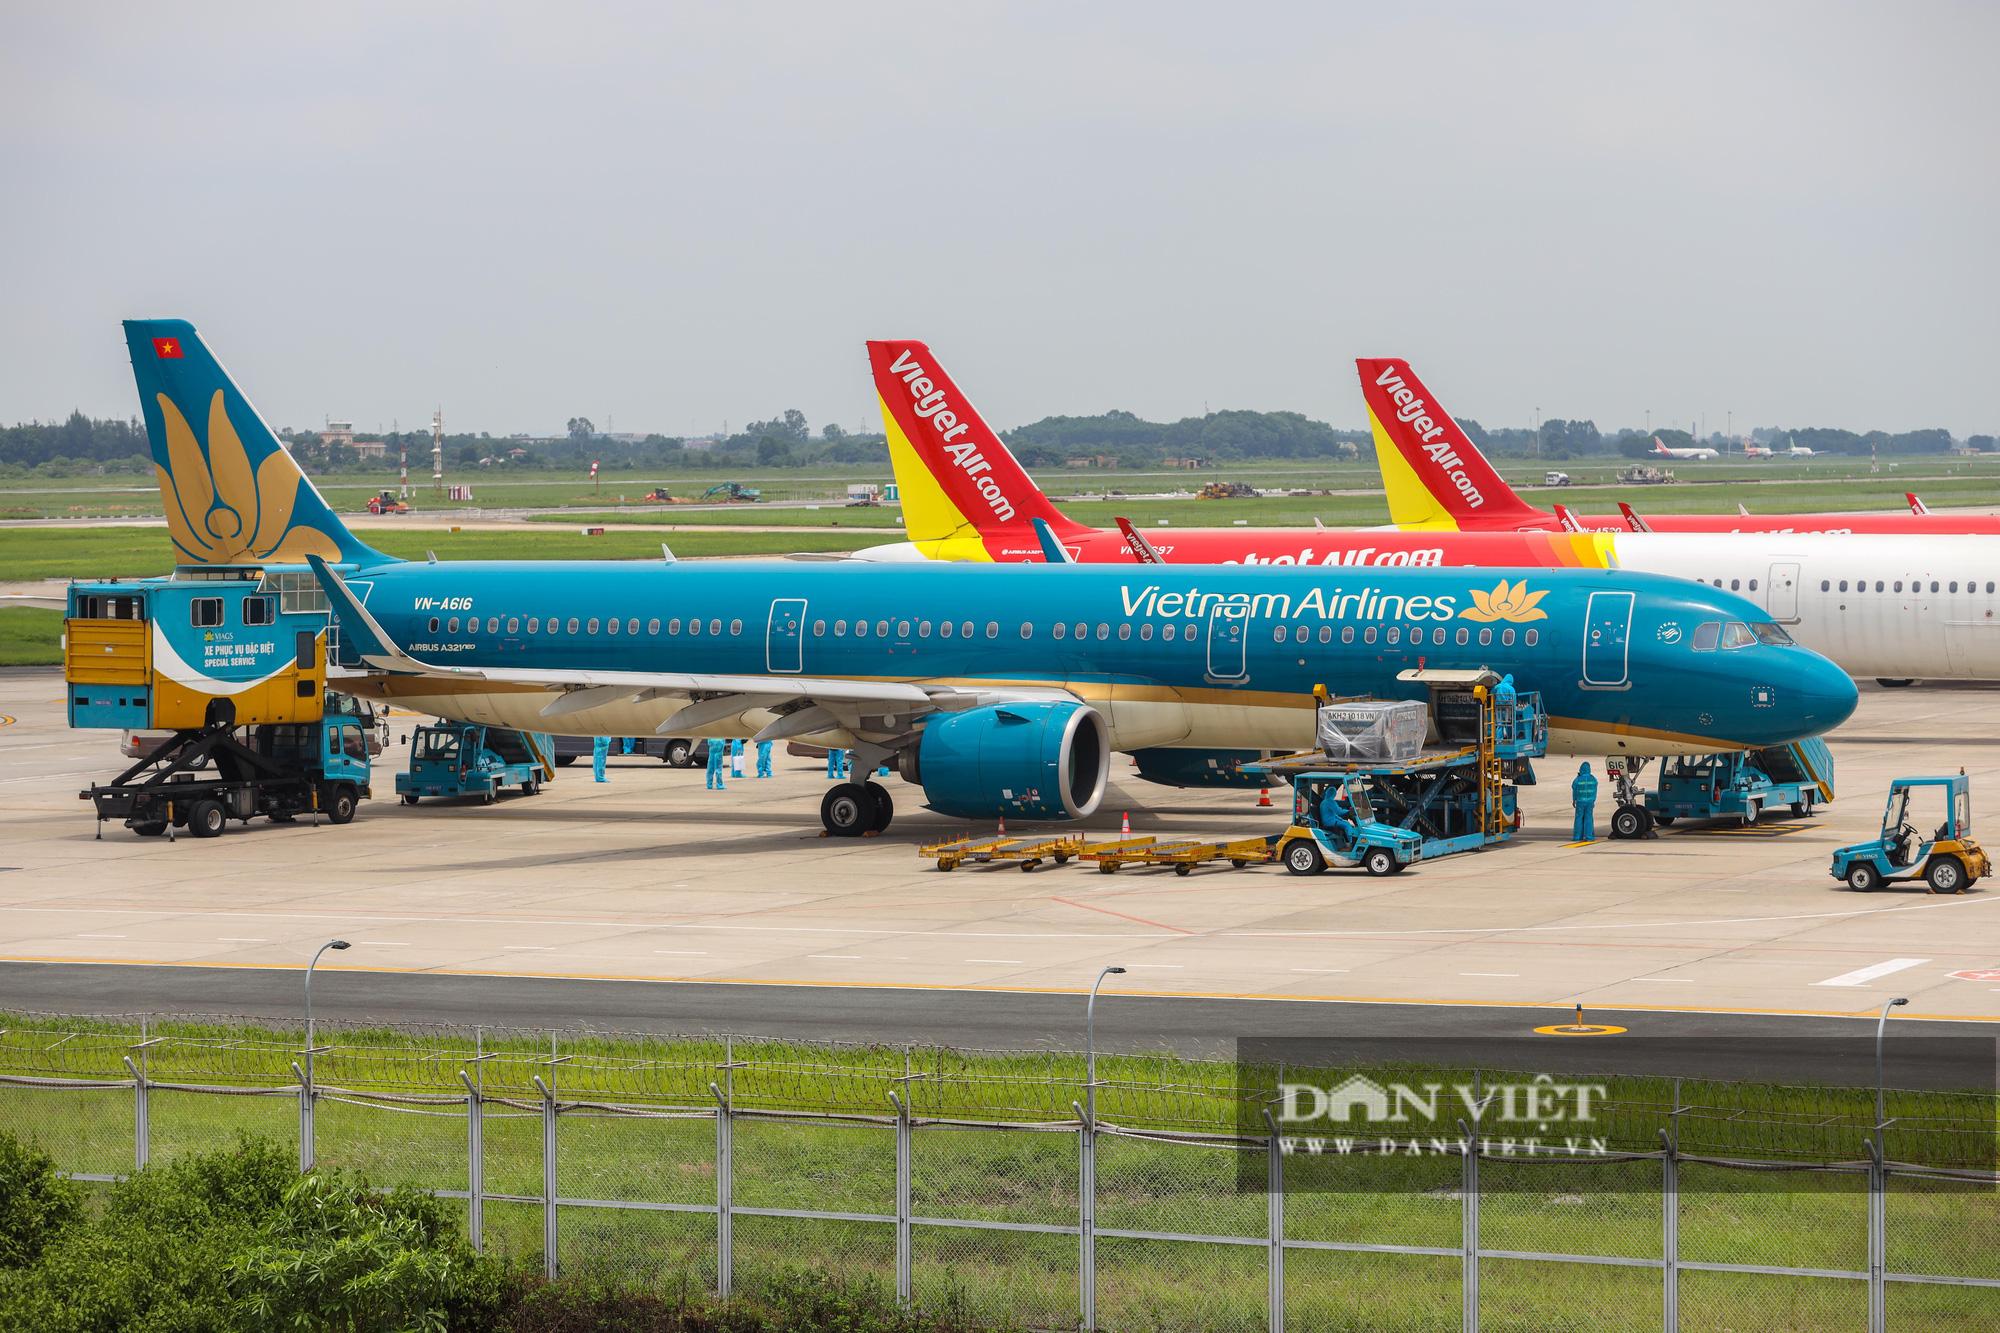 Chuyến bay đặc biệt đưa 207 người mắc kẹt ở Đà Nẵng về Hà Nội - Ảnh 1.